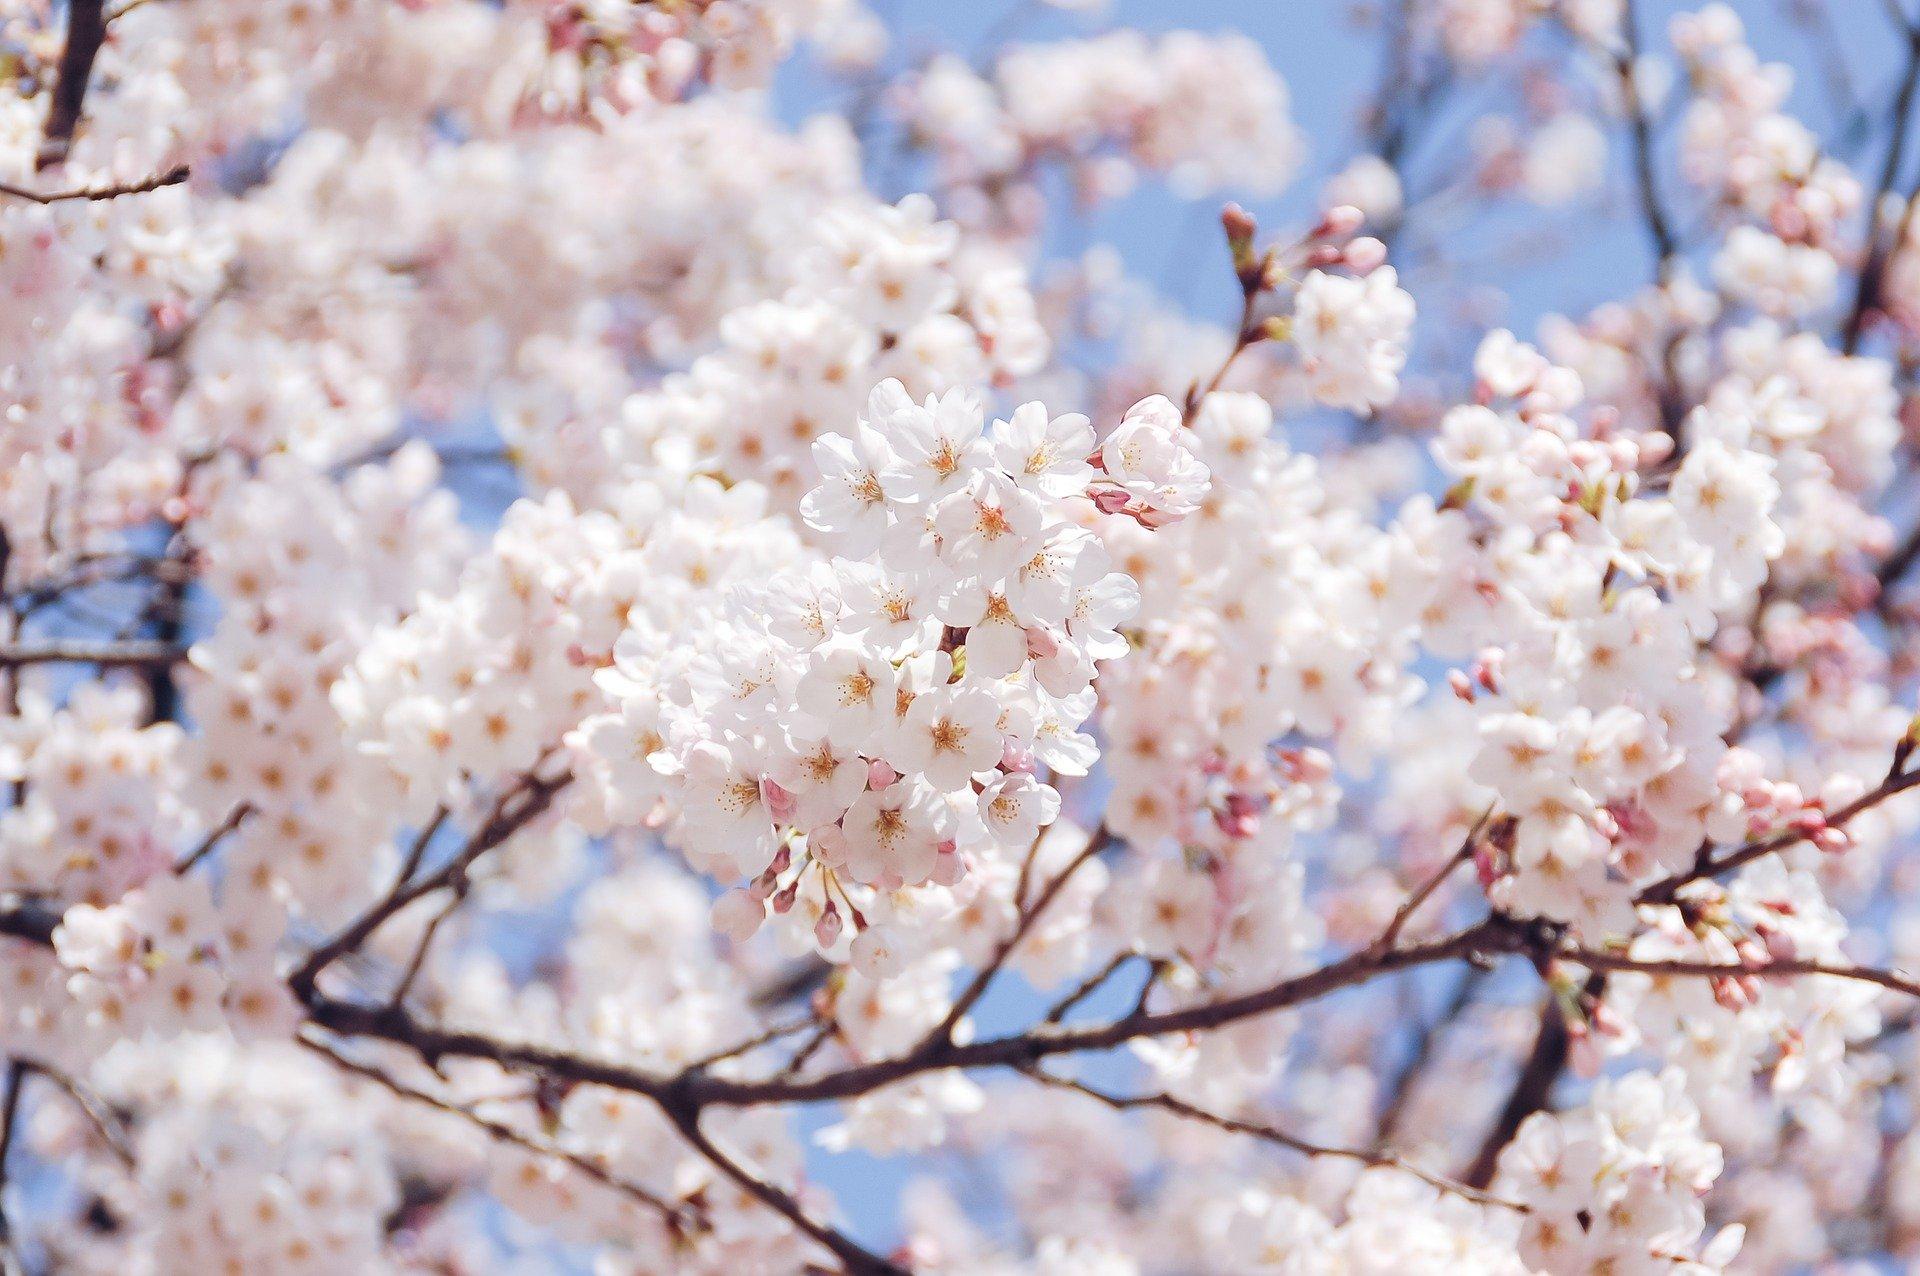 Cherry Blossom Season In Korea Where To Go And What To Do Go Go Hanguk